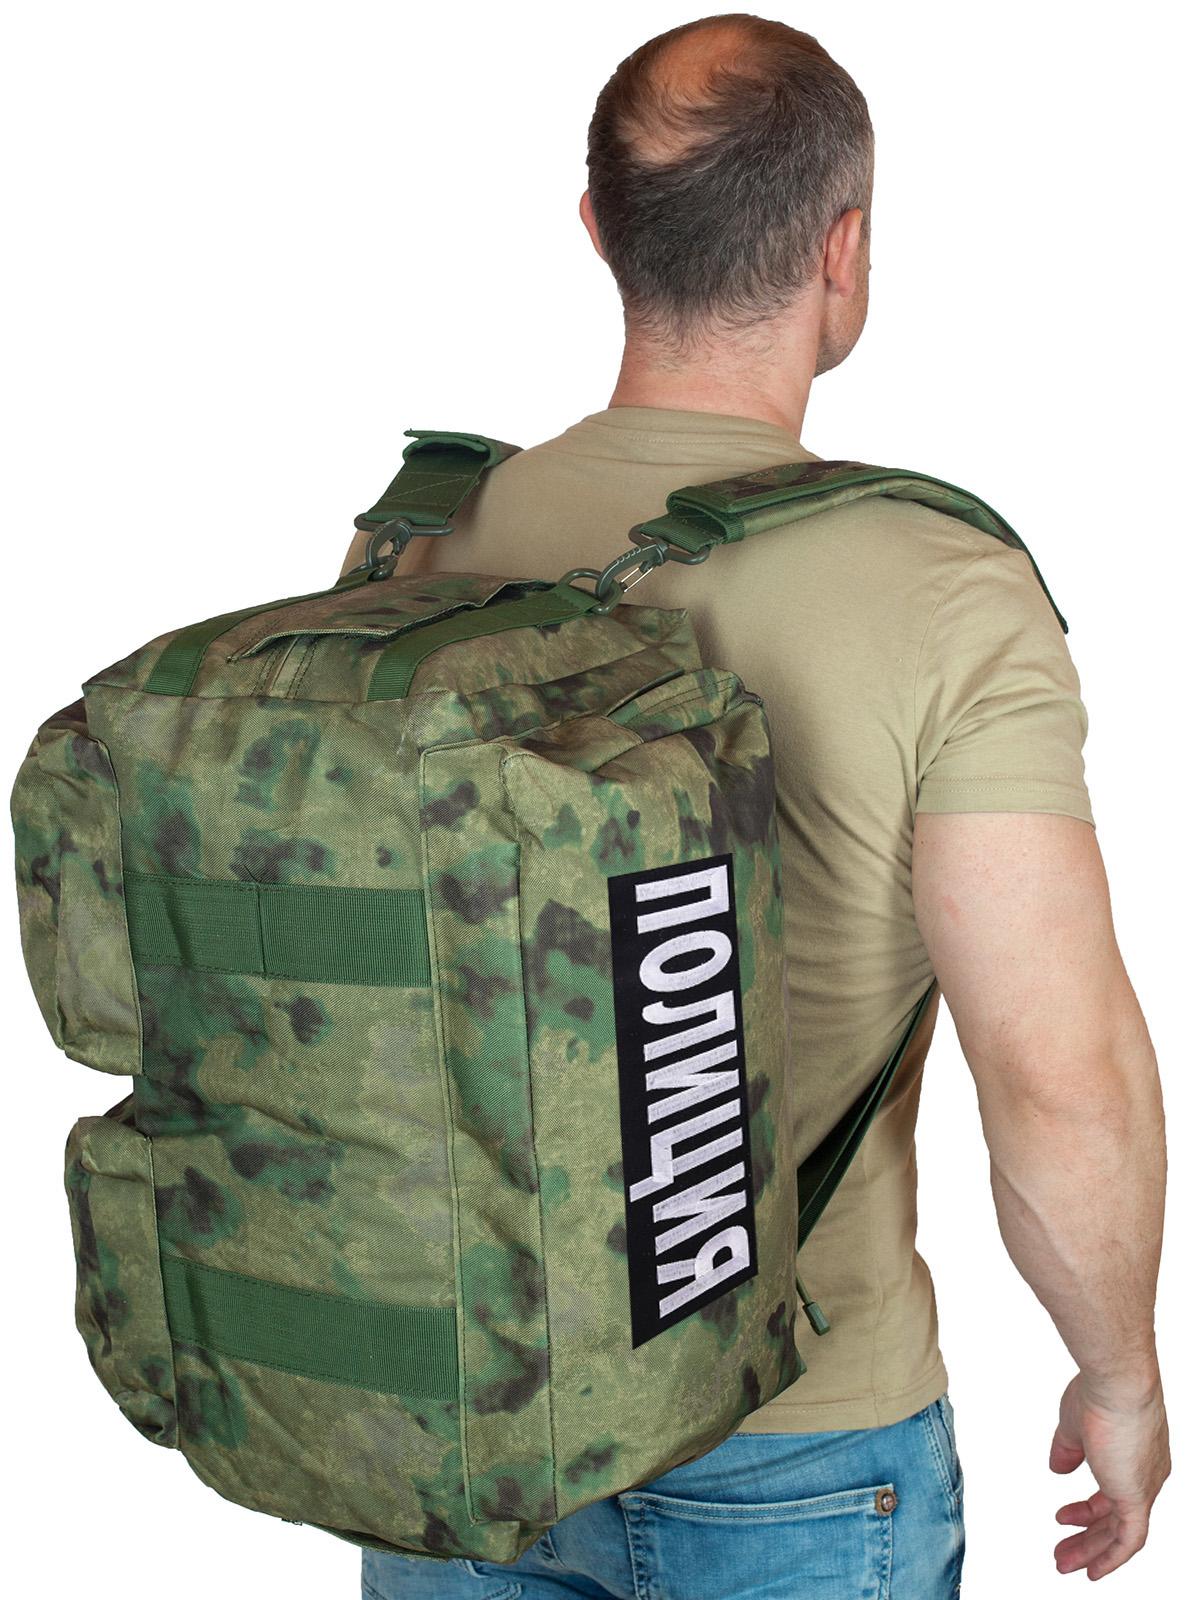 Купить камуфляжную дорожную сумку Полиция по выгодной цене